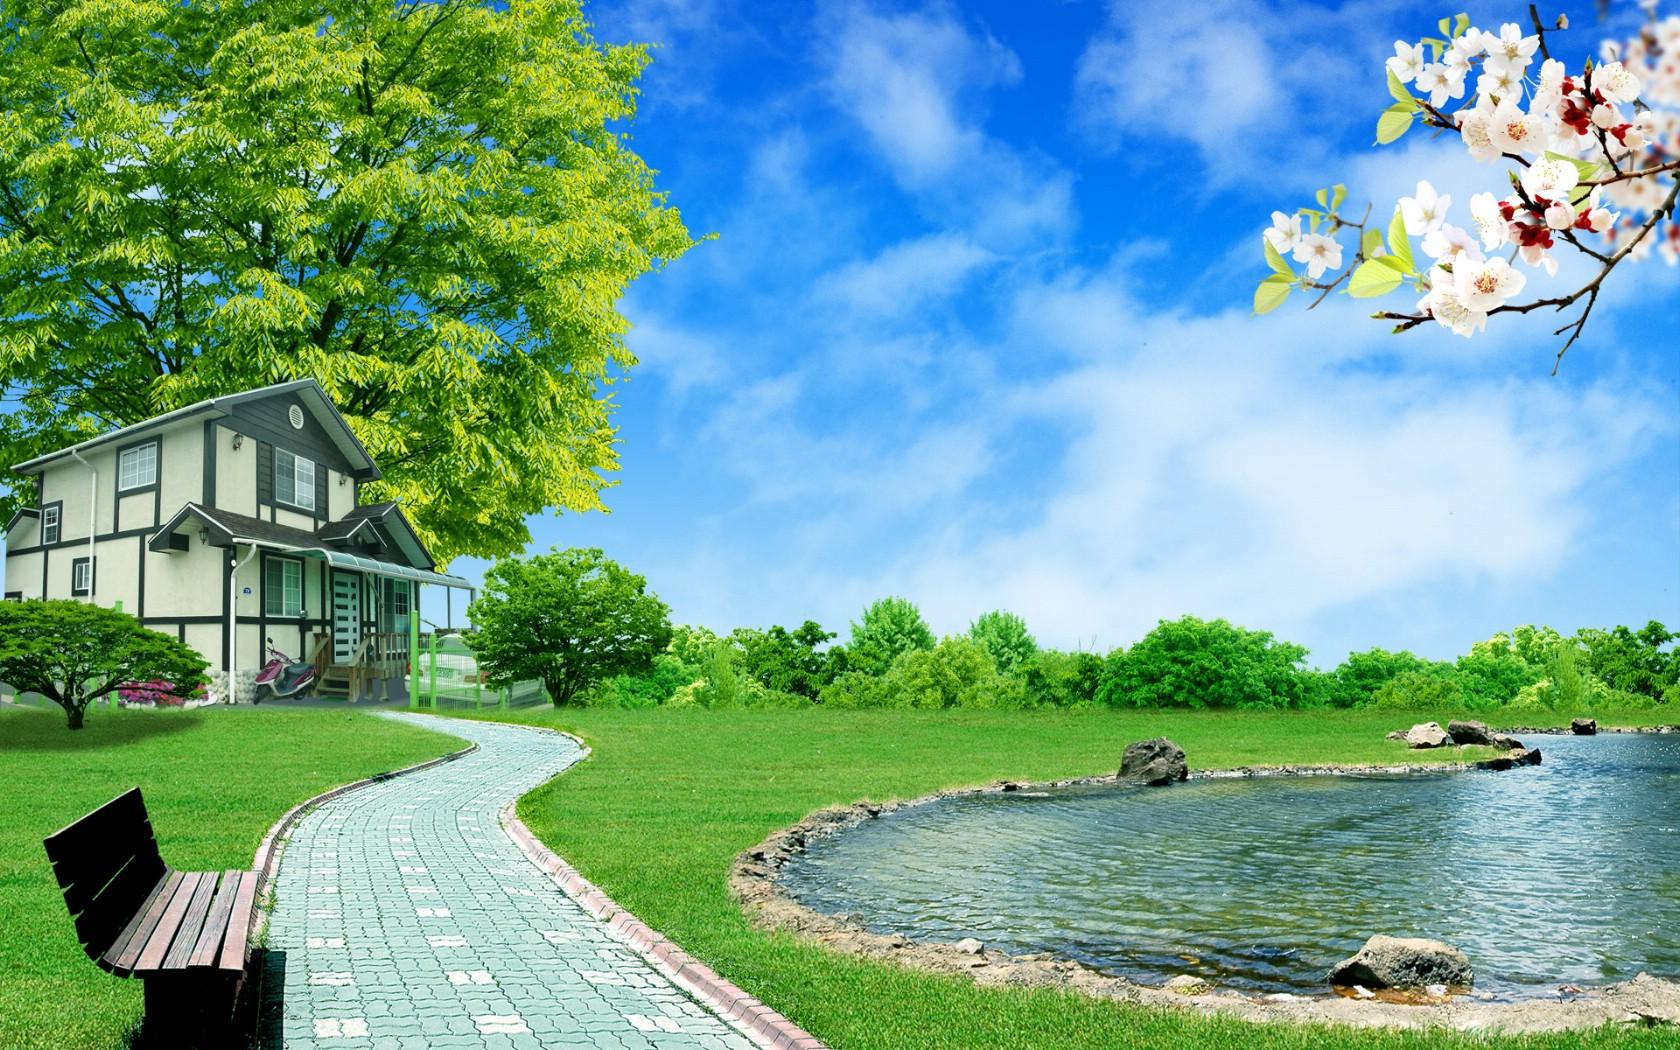 壁纸1680×1050梦想家园 最美好的日子宽屏壁纸 壁纸9壁纸 梦想家园:最美好的日壁纸图片系统壁纸系统图片素材桌面壁纸